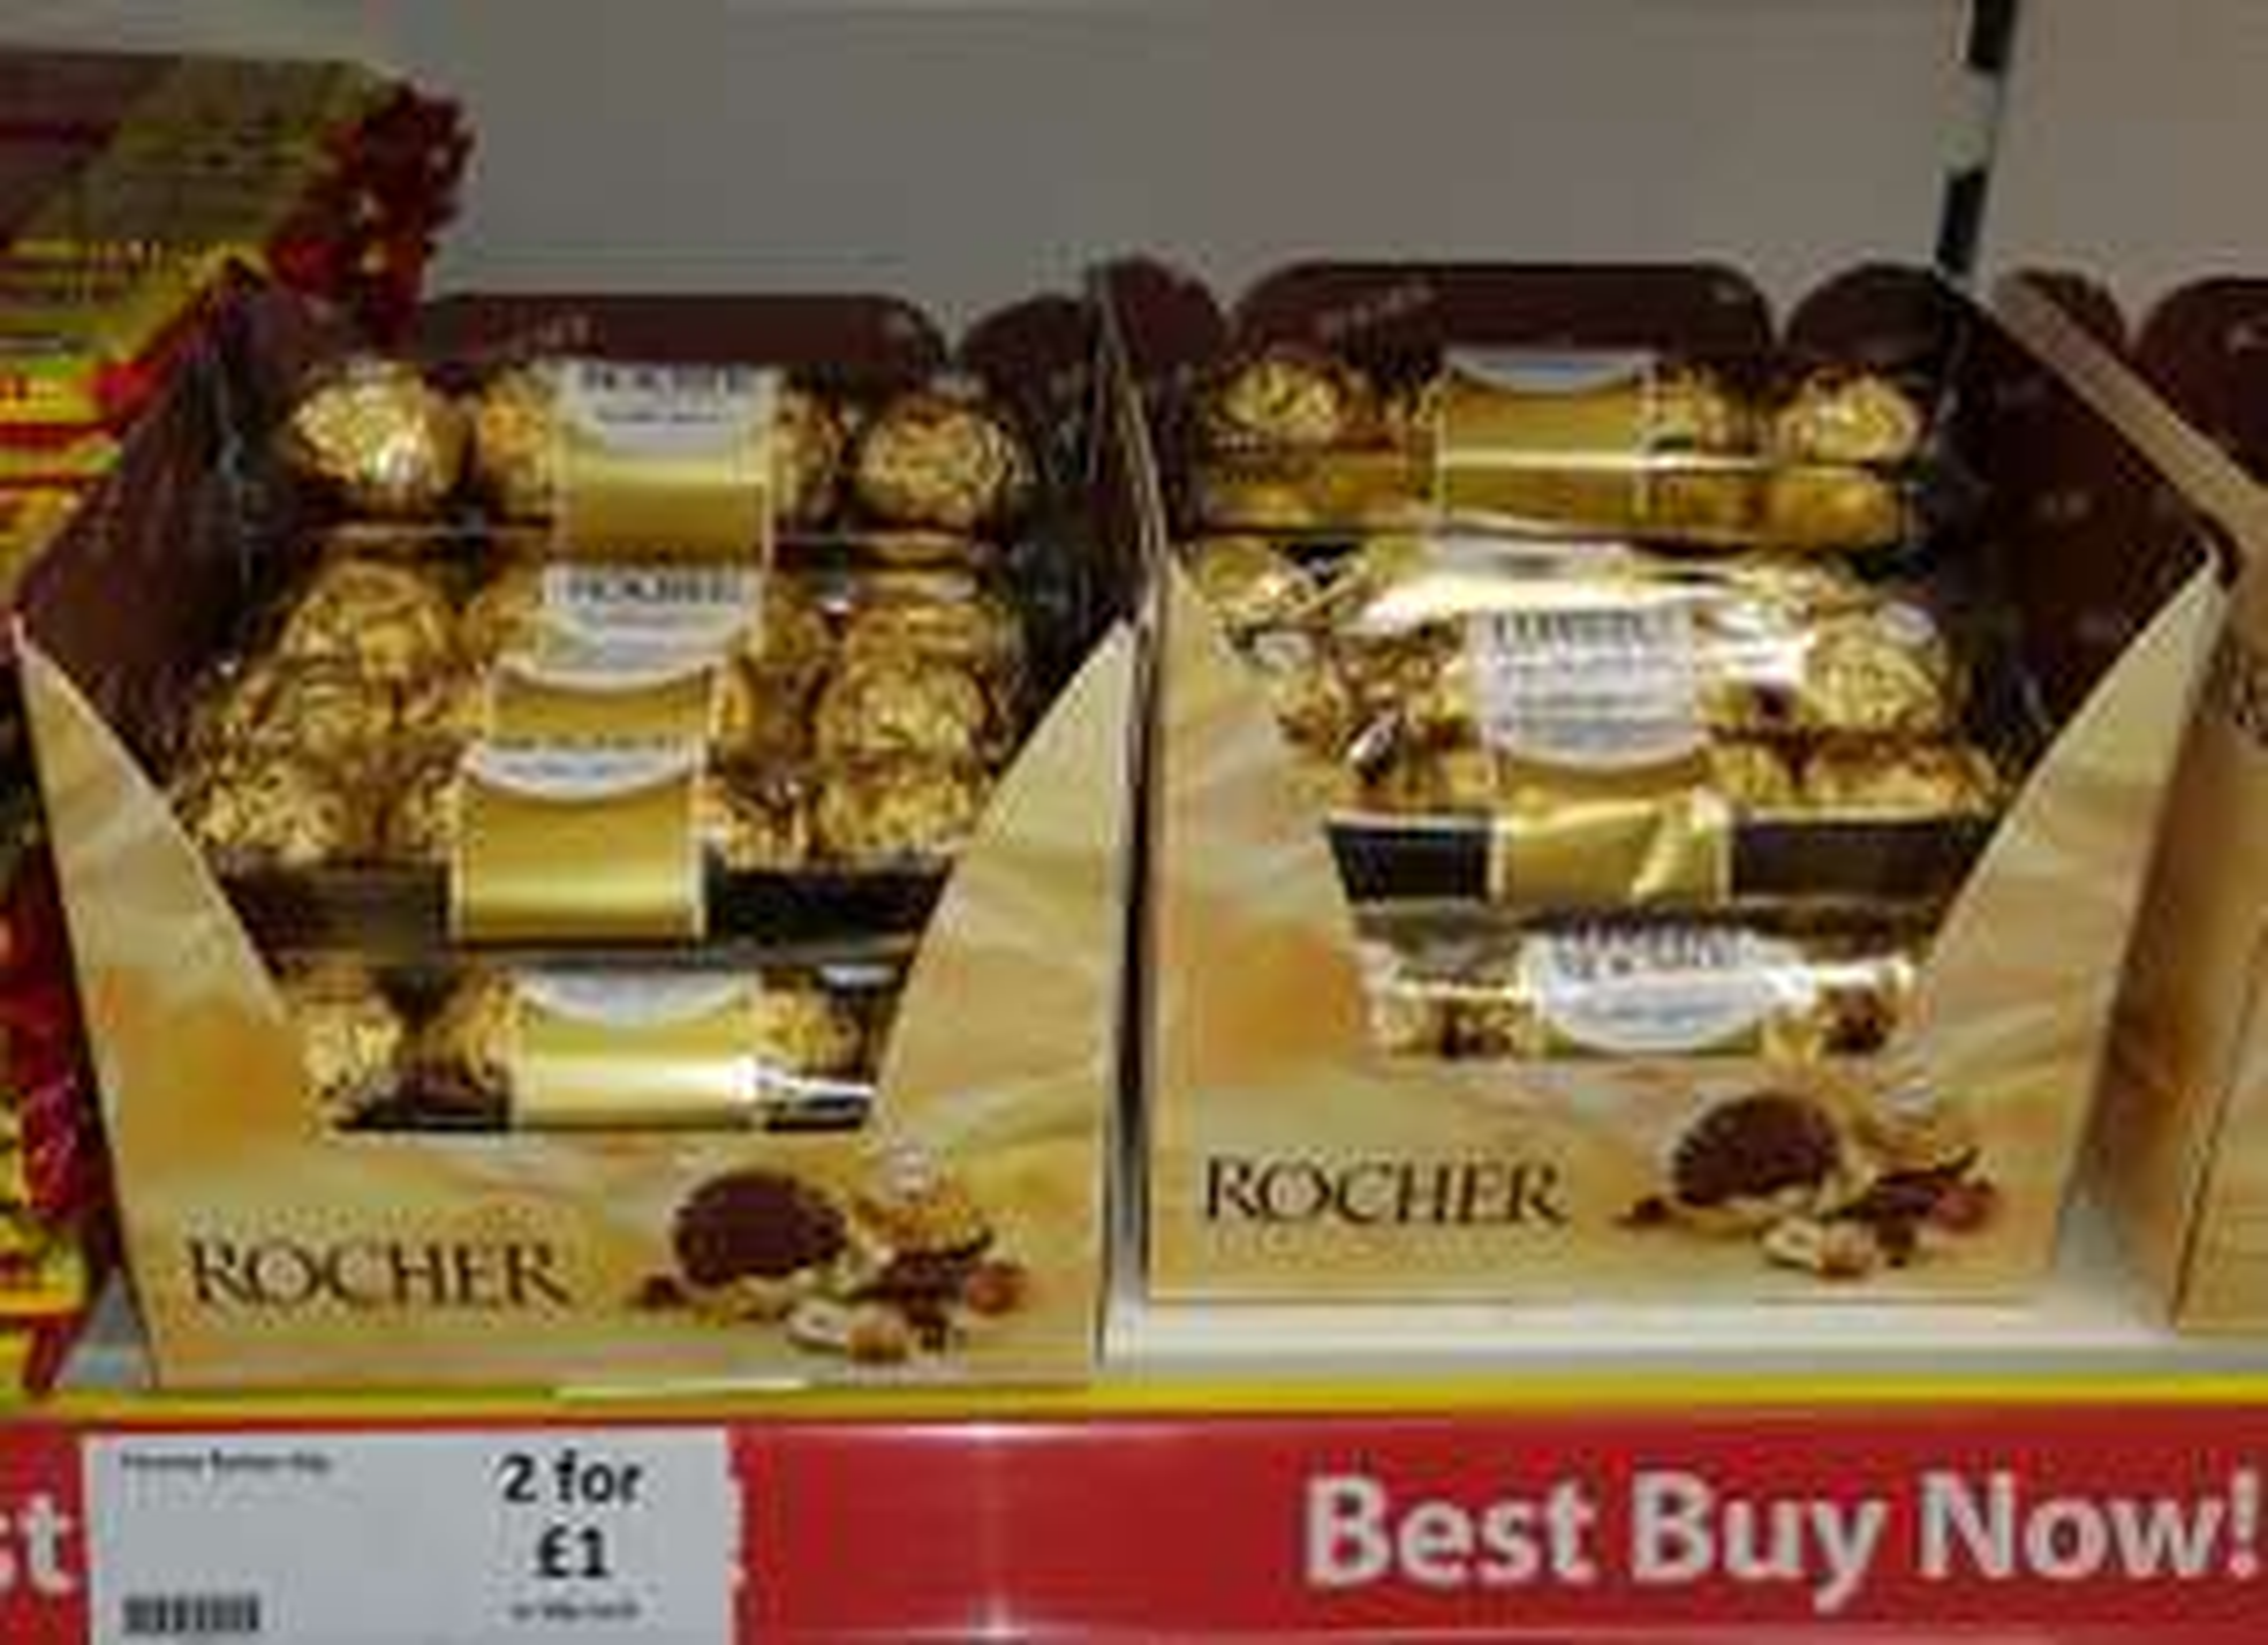 Ferrero Rocher (Pack of 4) 1 x 60p or 2 x £1 - Heron Foods